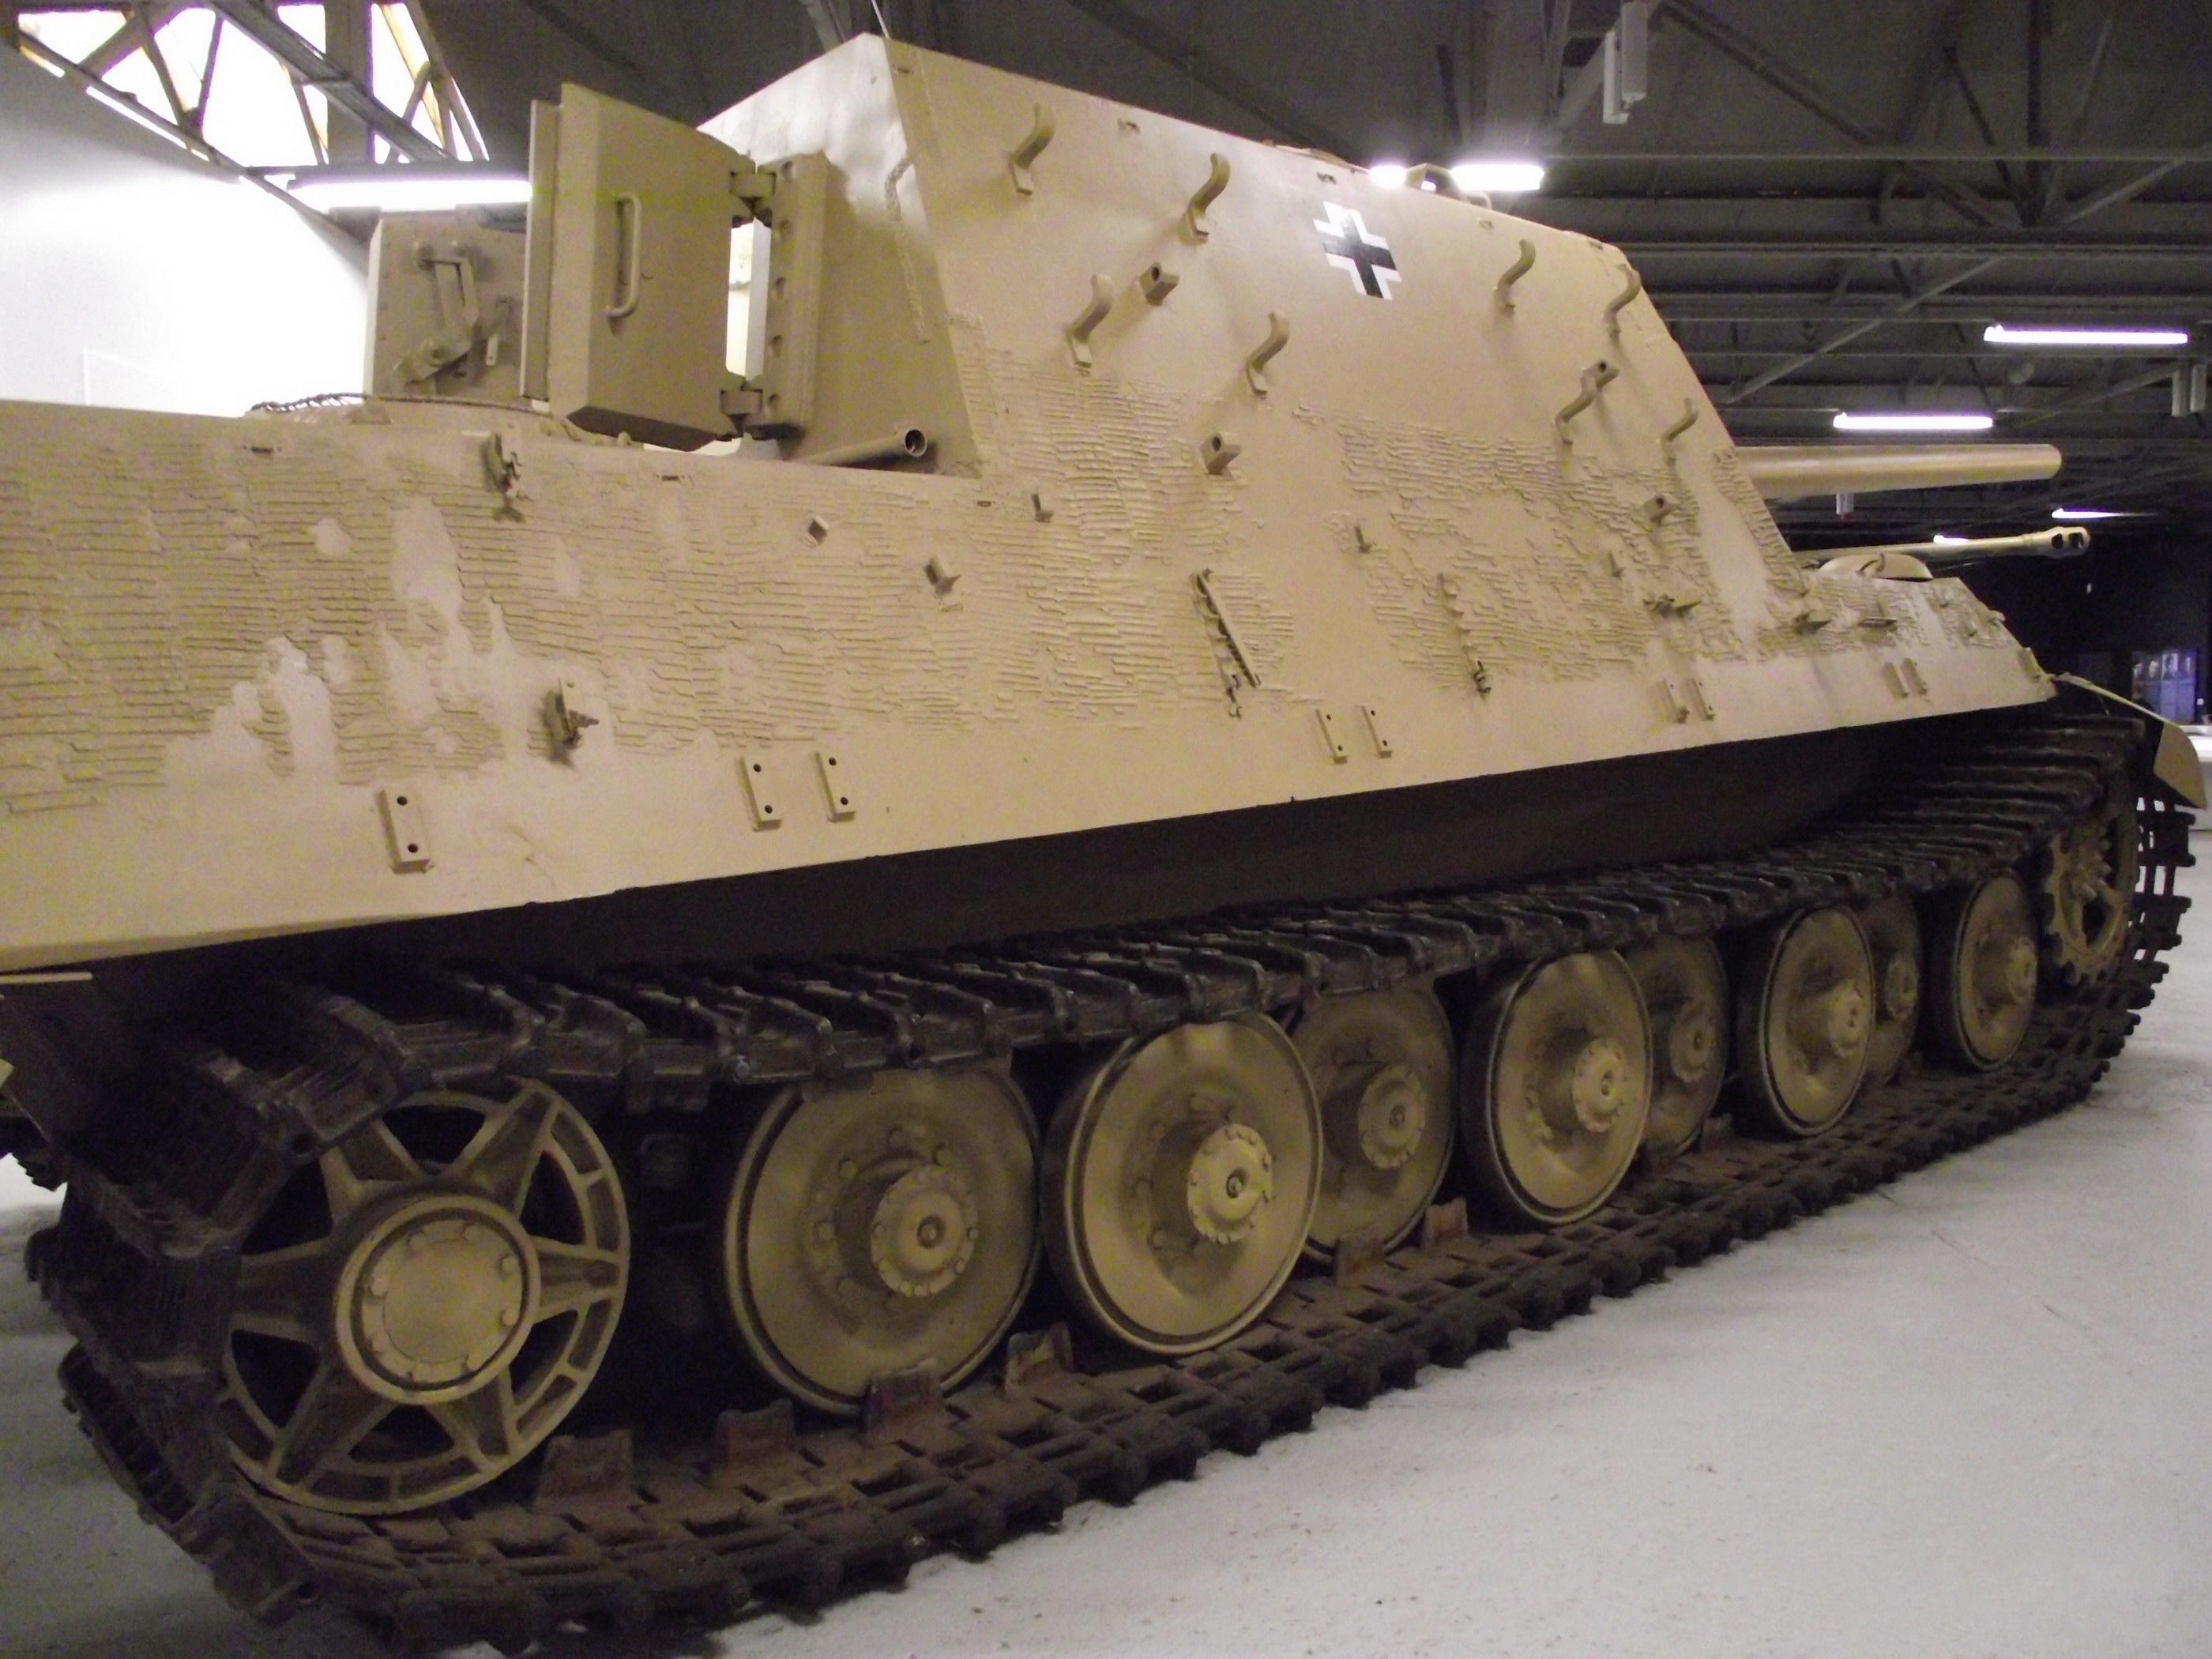 Tank_Museum_20180919_200.jpg